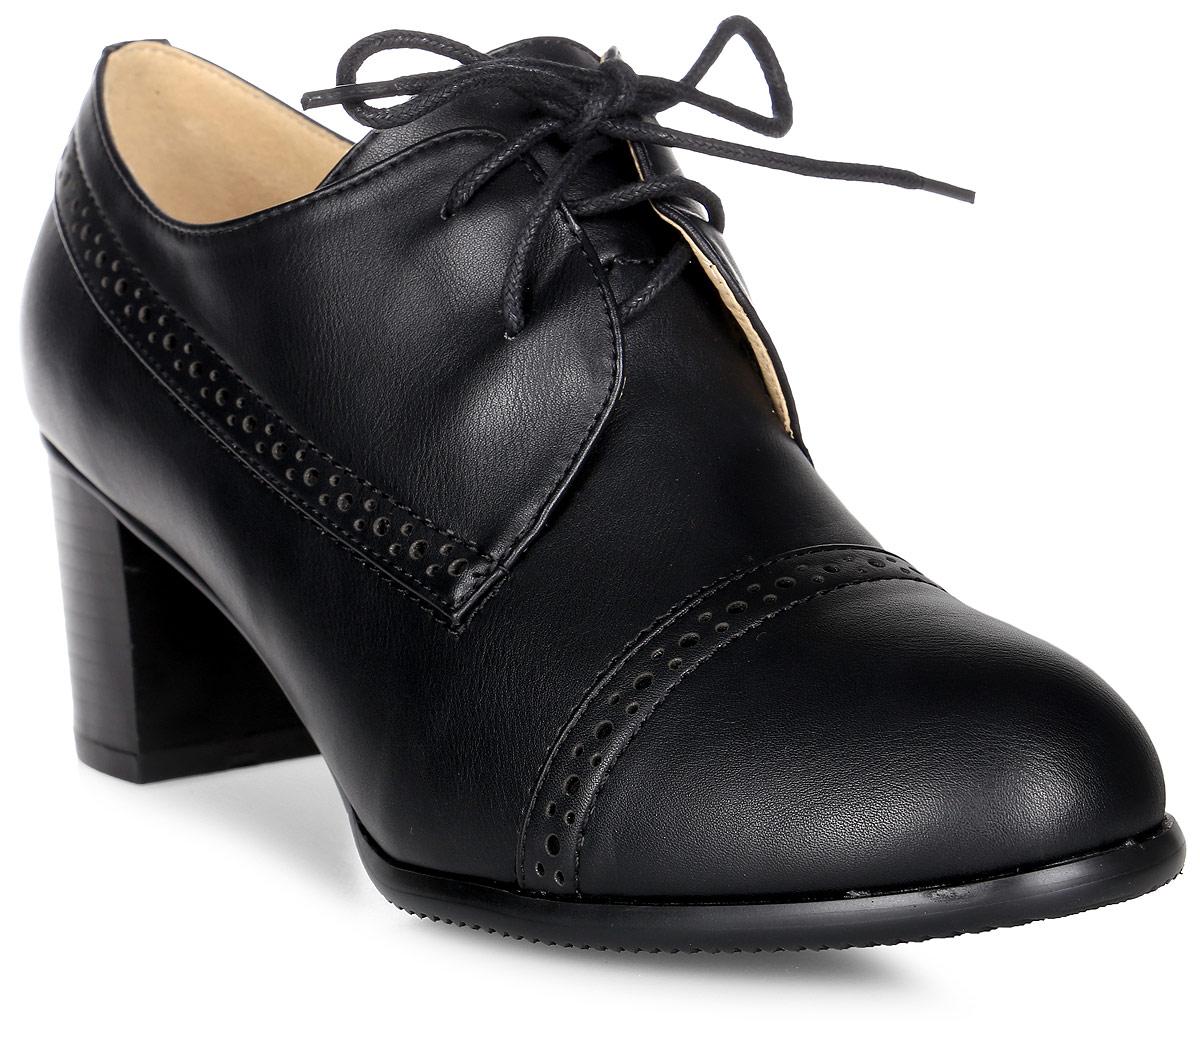 Ботильоны женские Vitacci, цвет: черный. 83508. Размер 3783508Стильные женские ботильоны от Vitacci изготовлены из качественной искусственной кожи. Модель оформлена декоративной перфорацией и удобной шнуровкой. Подошва дополнена устойчивым каблуком.